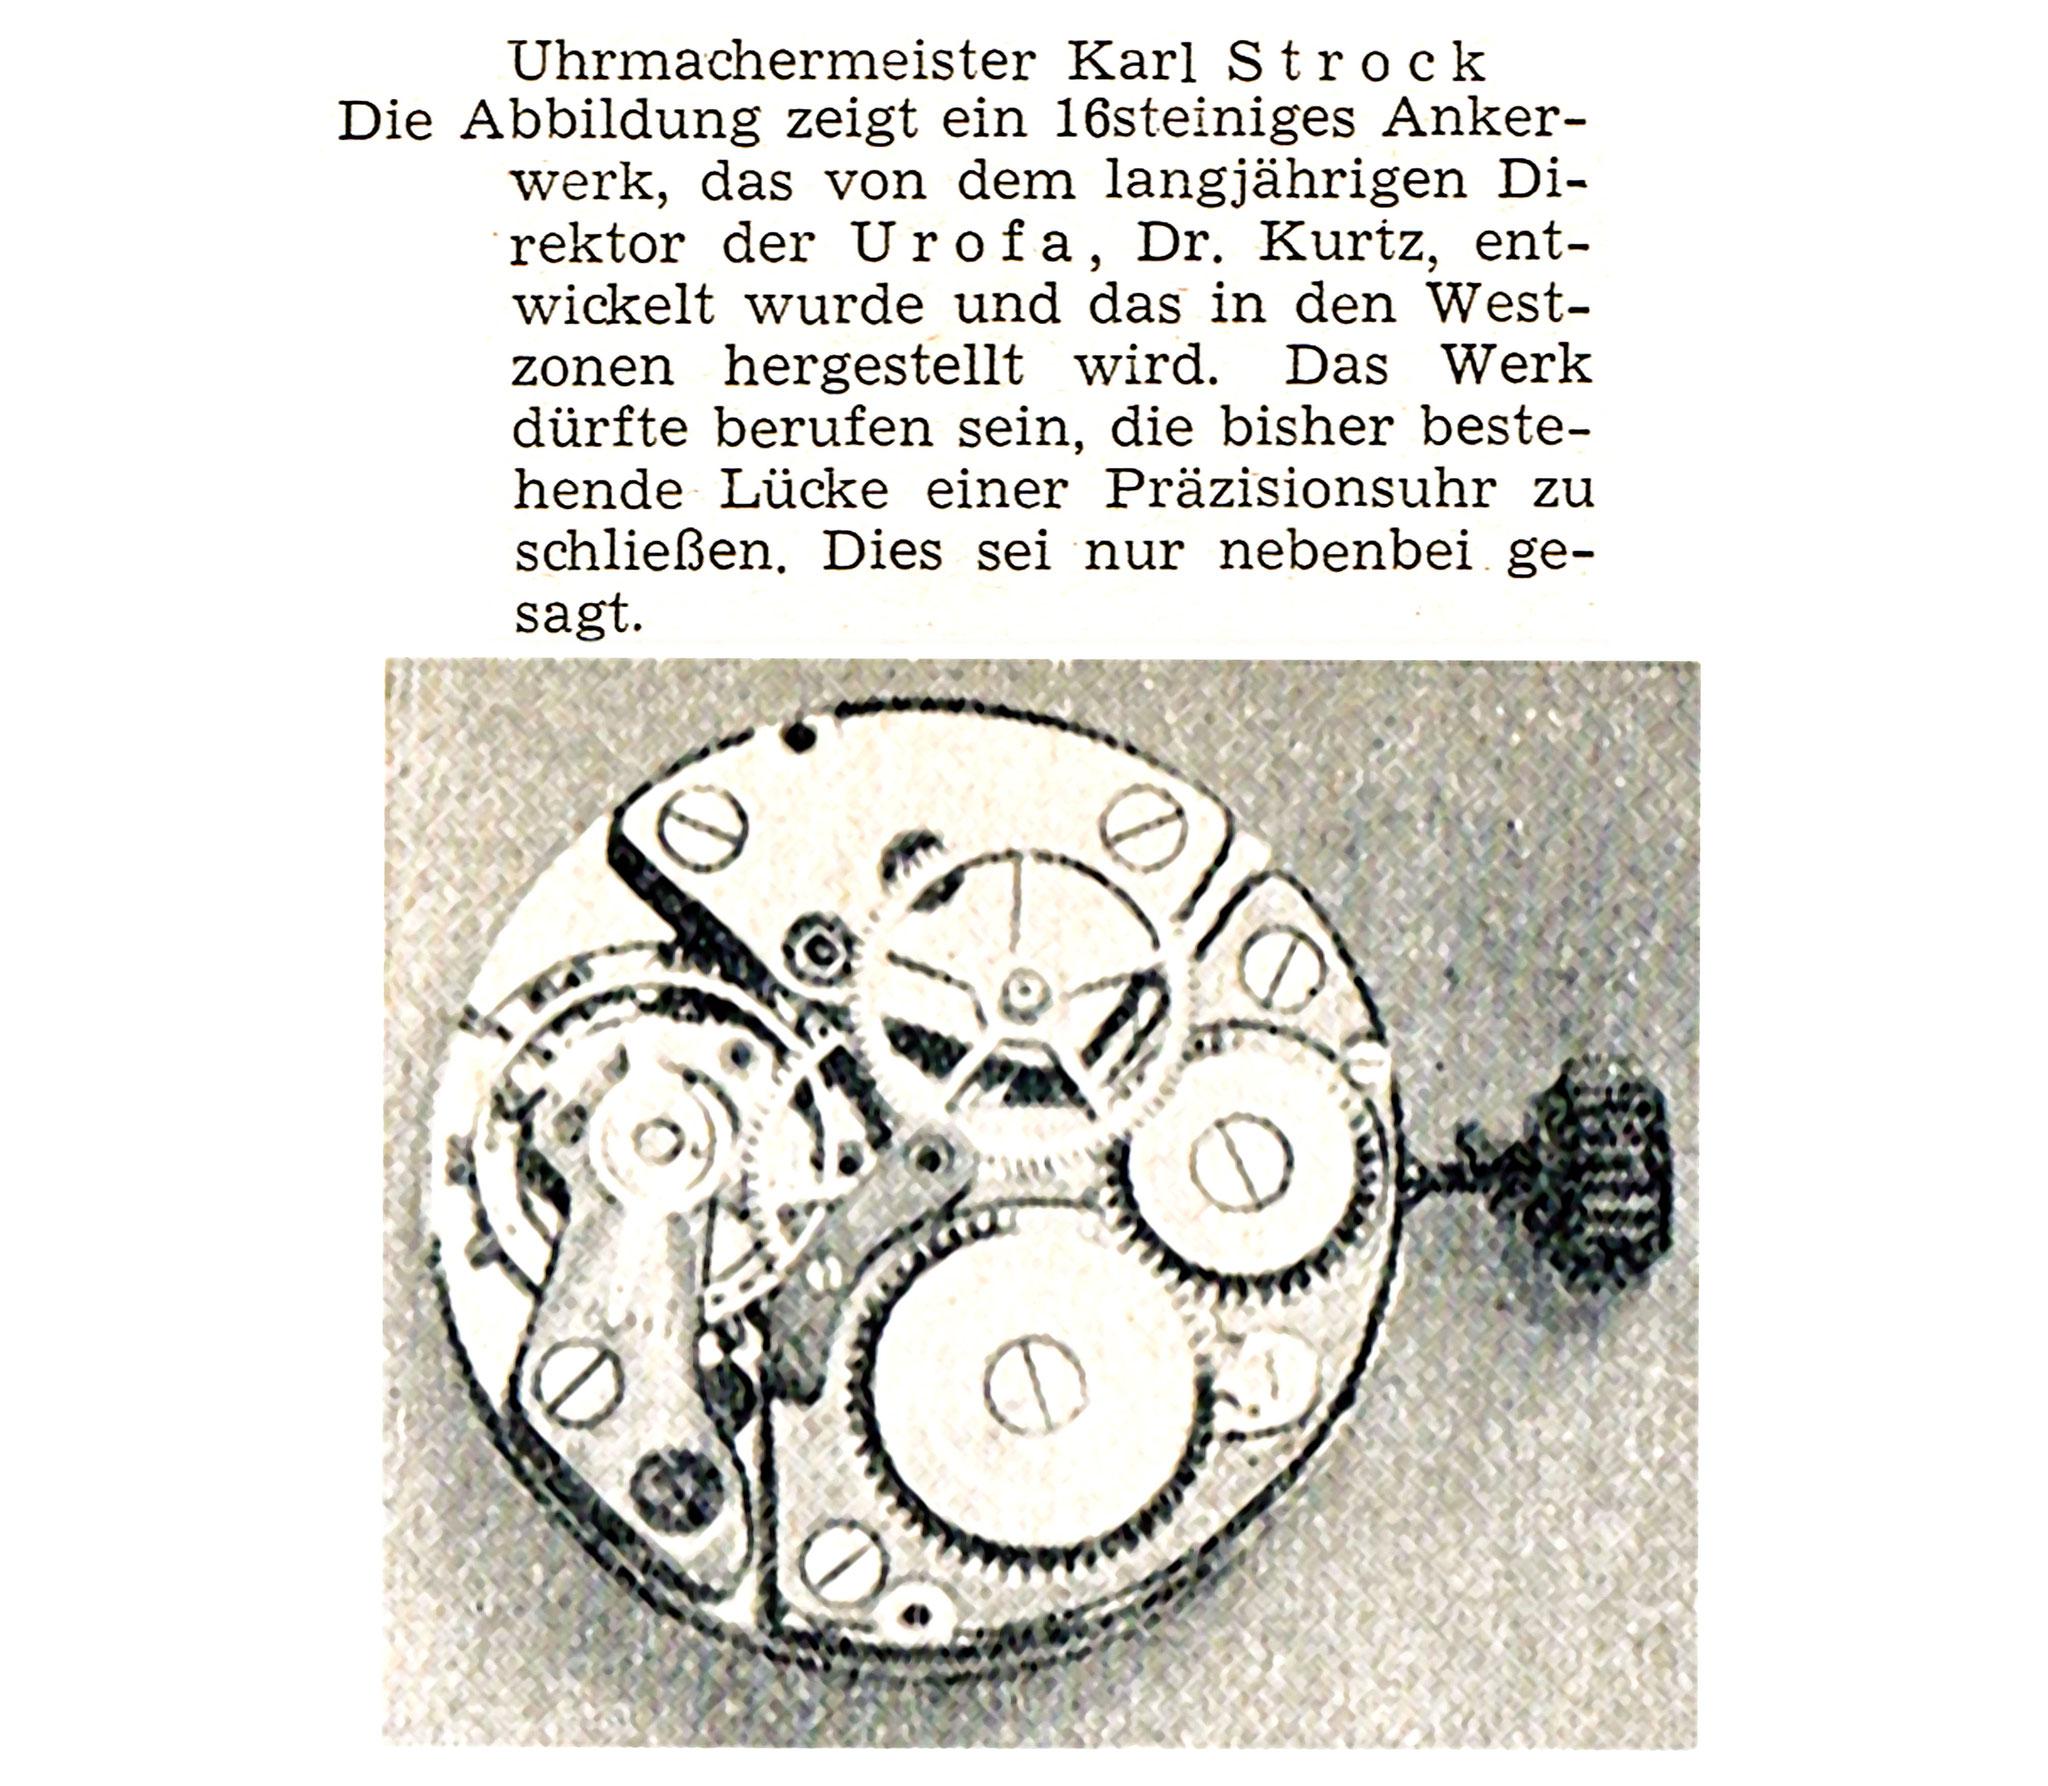 Quelle: Neue Uhrmacher-Zeitung Nr.10 von 1949